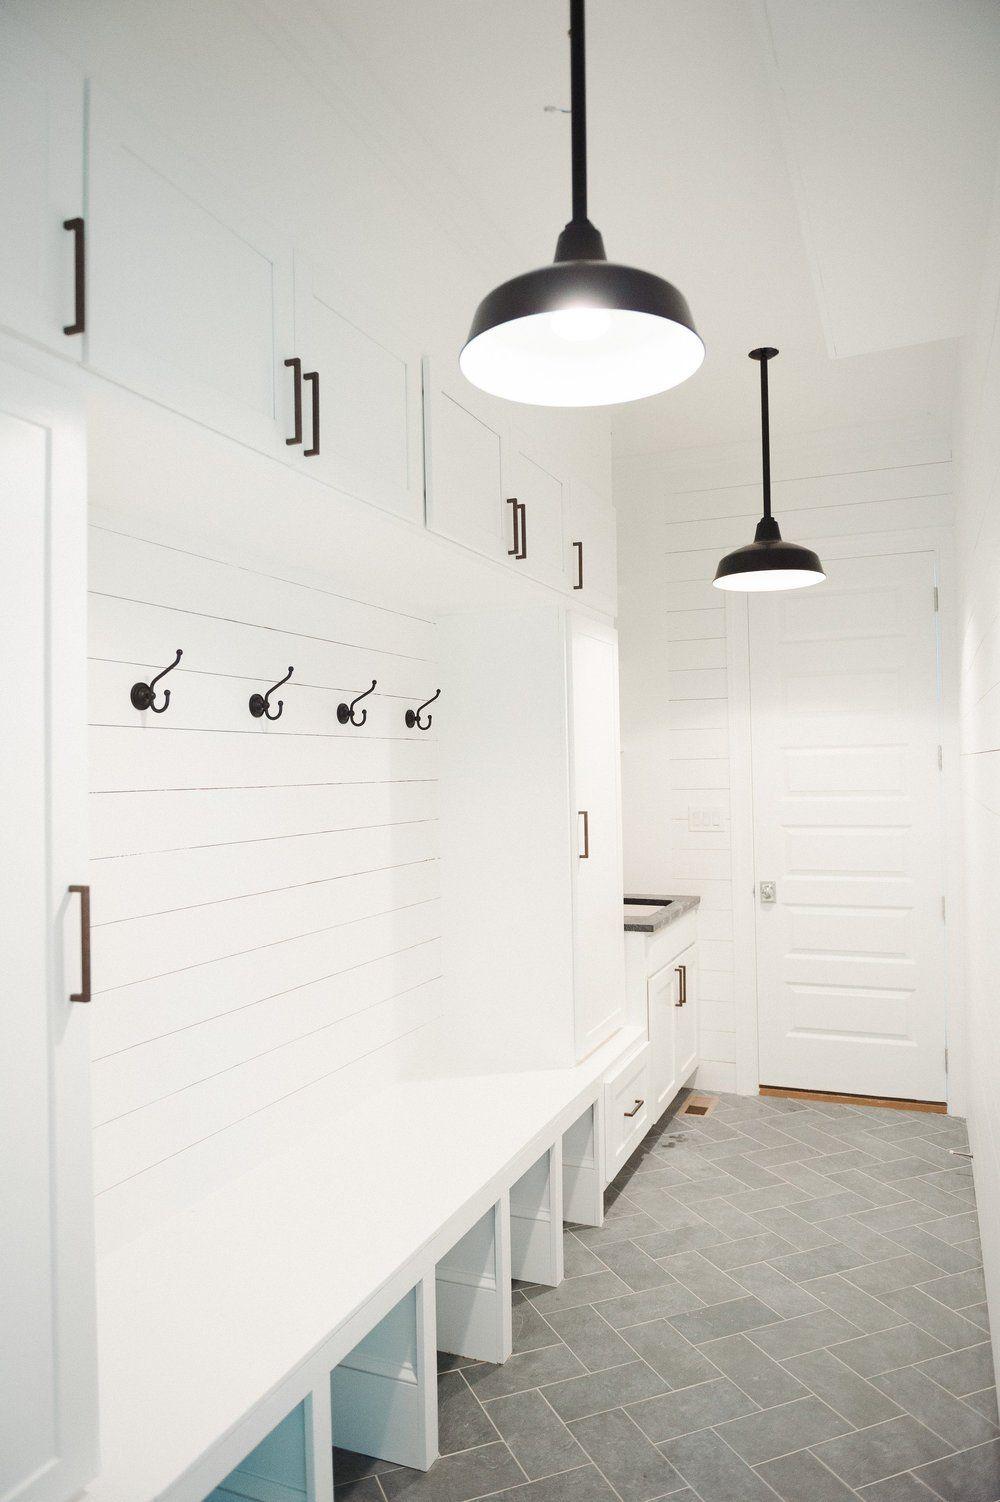 10 Mud Rooms To Moon Over | Pinterest | Fliesen flur, Fliesen und ...